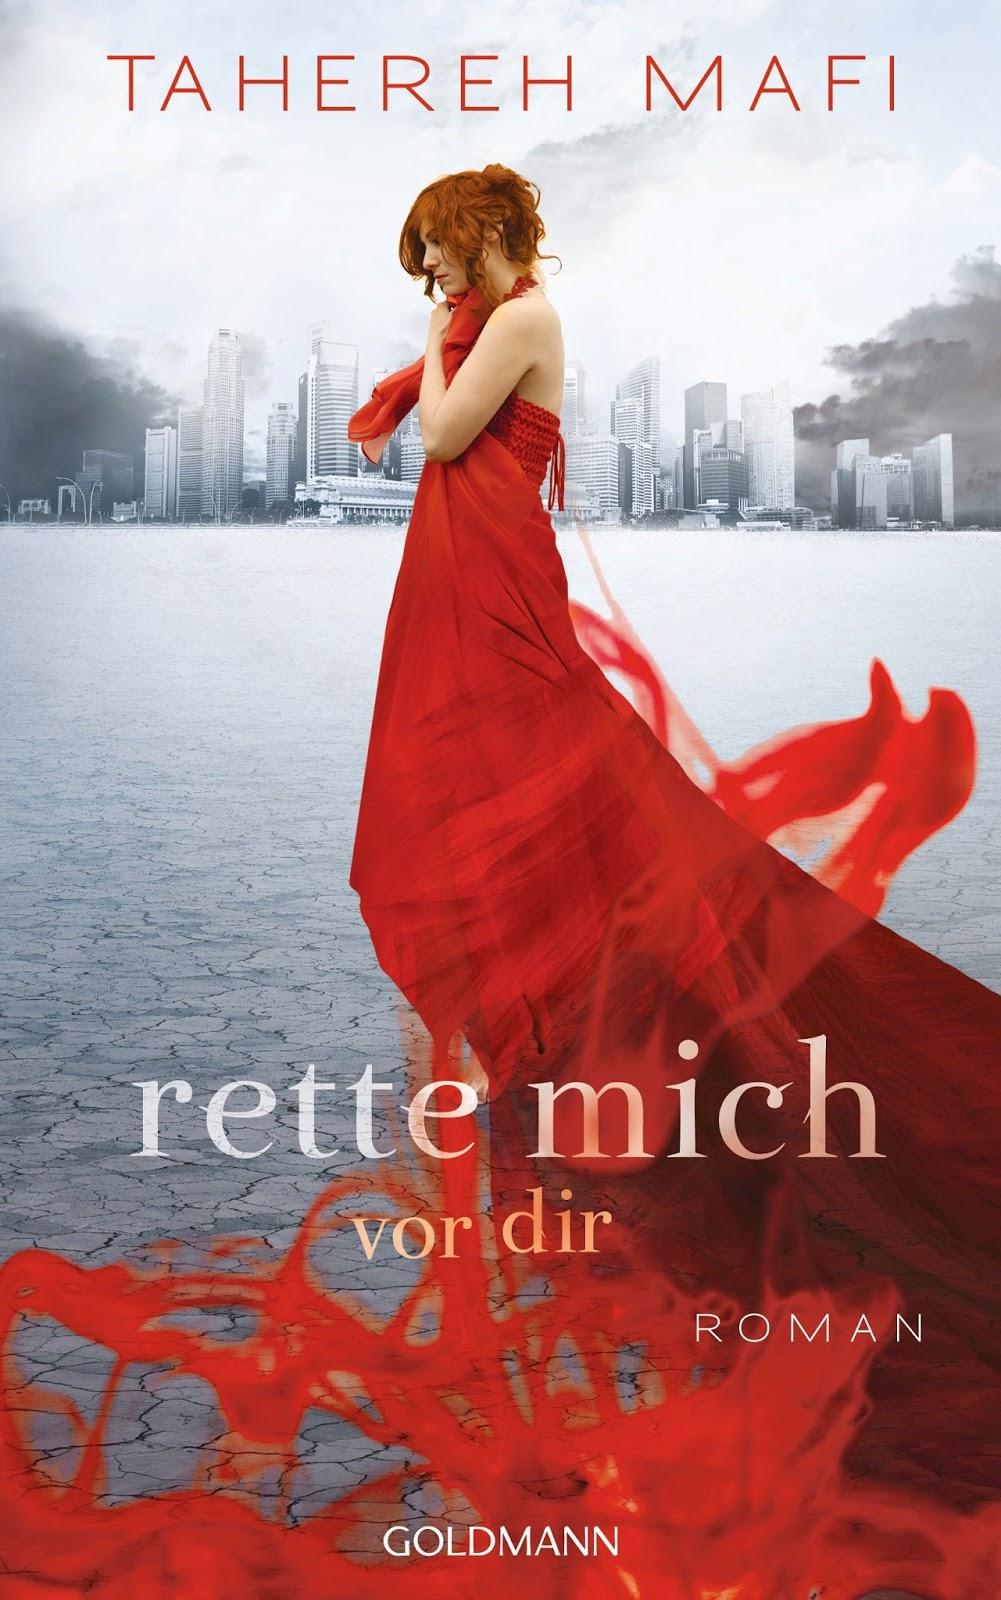 http://www.buchhaus-sternverlag.de/appDE/nav_product.php?product=O9783442313044&ORIGIN_PRO=OFS&ORIGIN_PRO=OFS